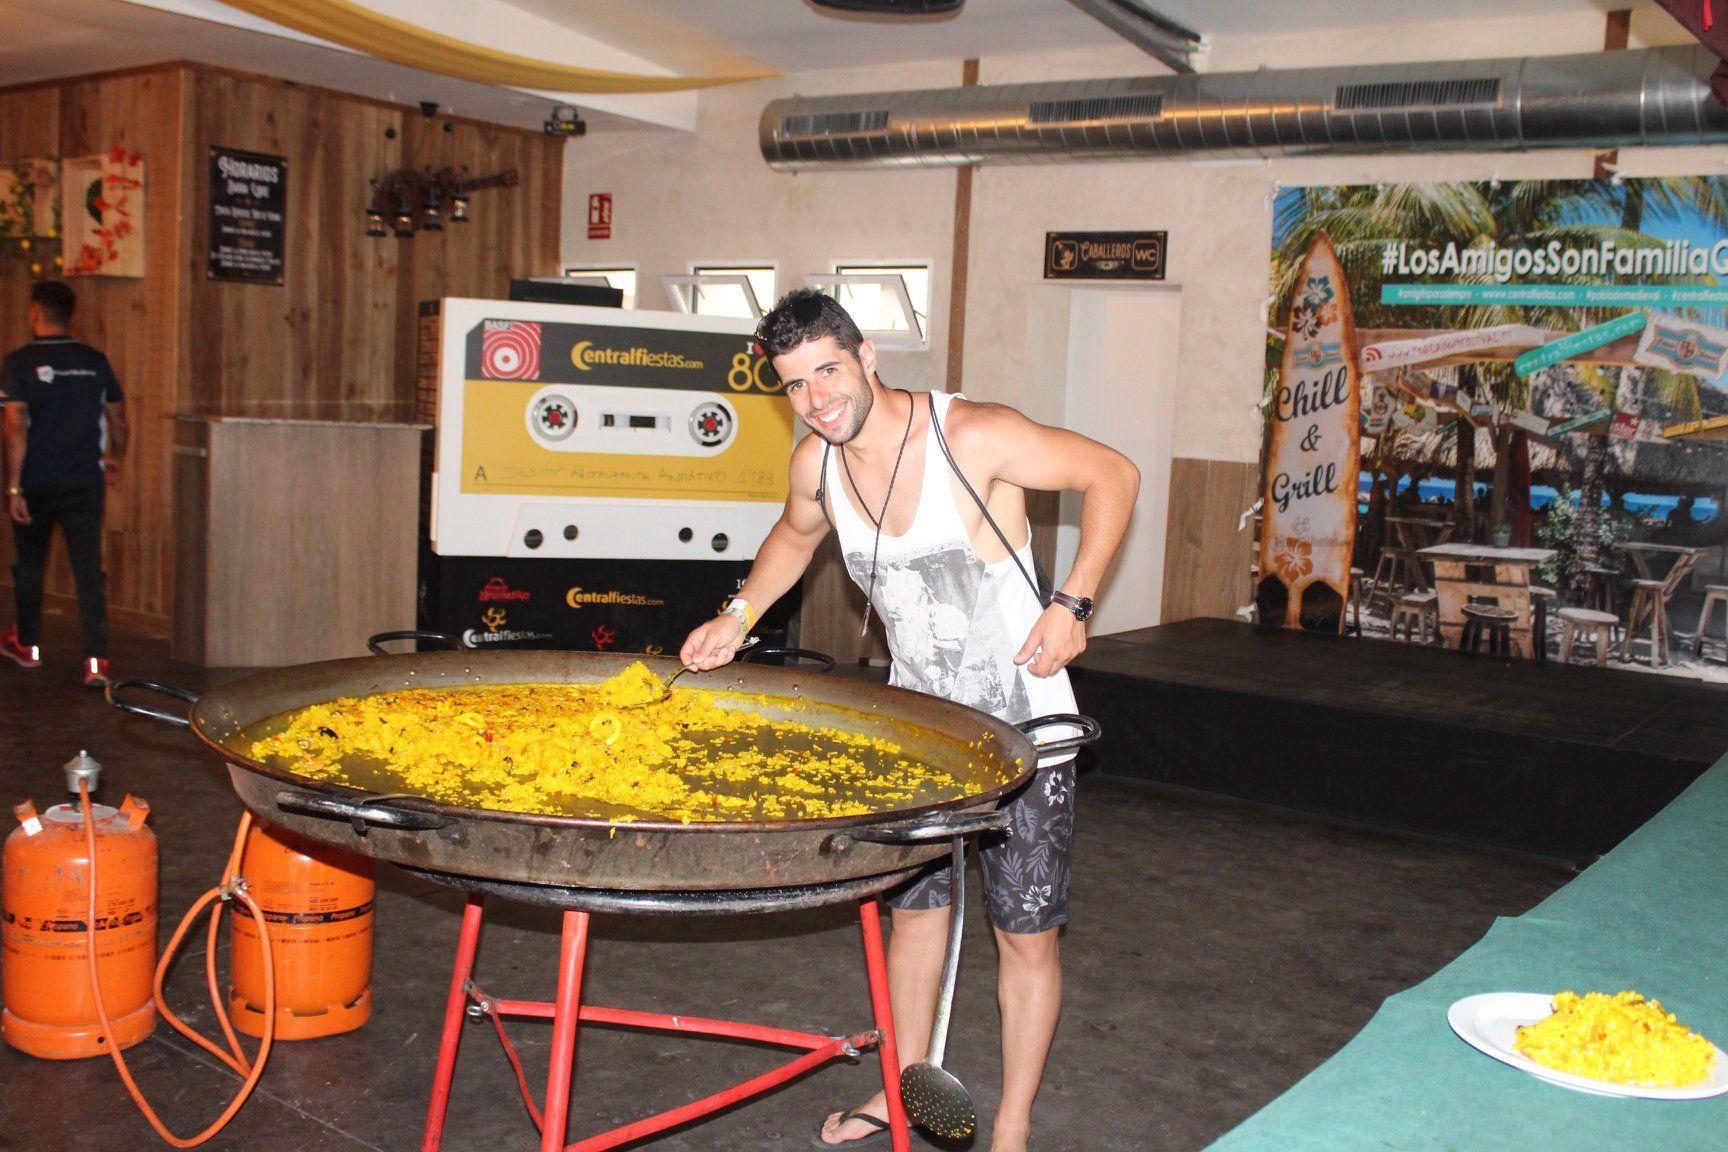 Fotografia Paella gigante como una de las comidas incluidas en